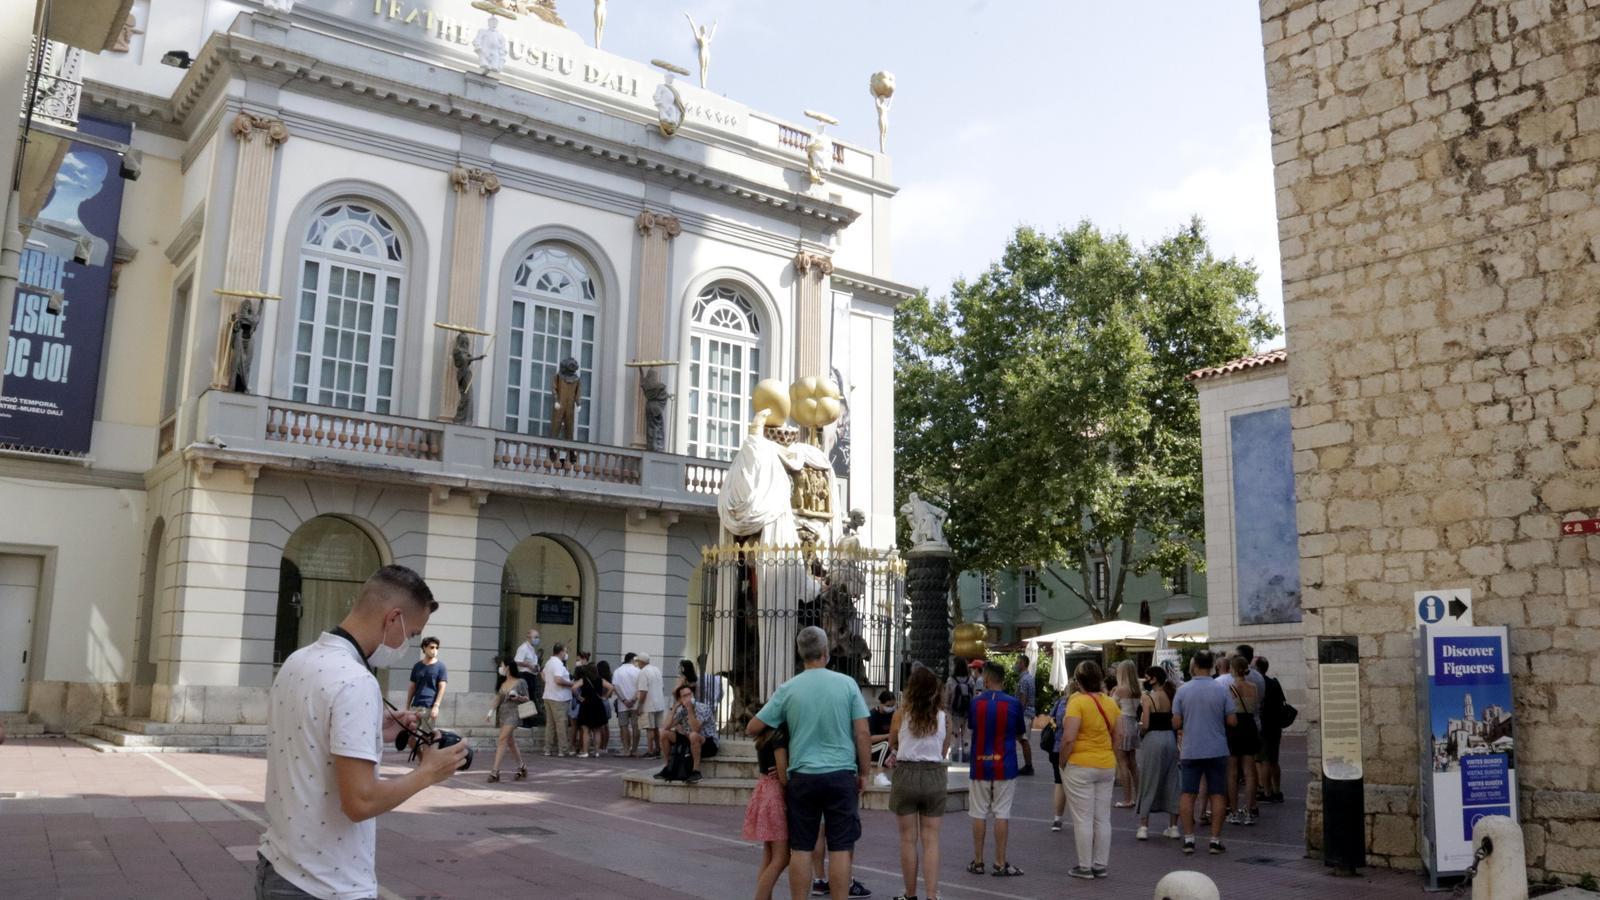 Cua per entrar al Museu Dalí de Figueres, el 21 de juliol.